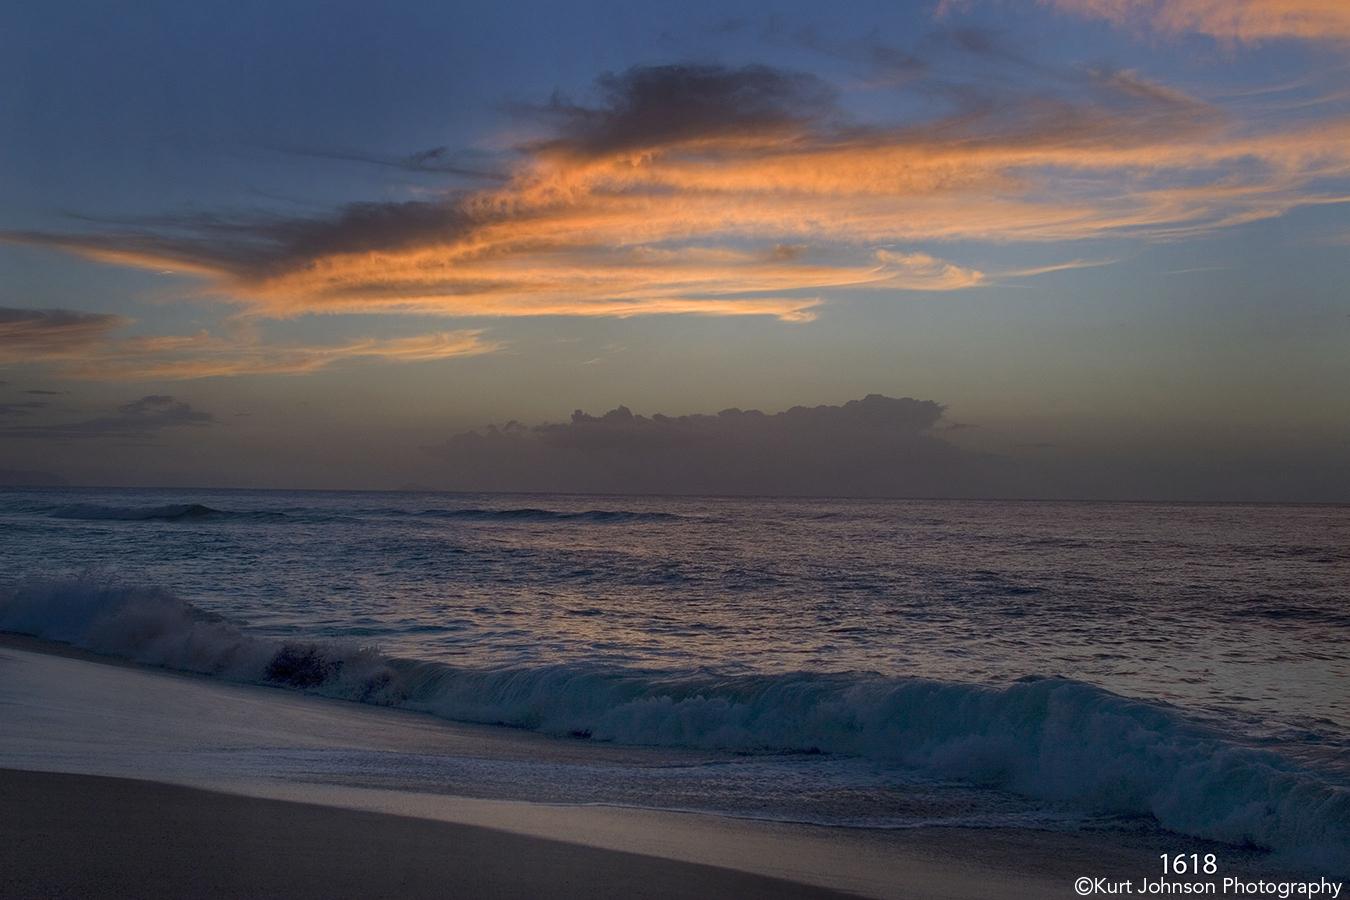 waterscape landscape shore sunset clouds waves ocean sand florida